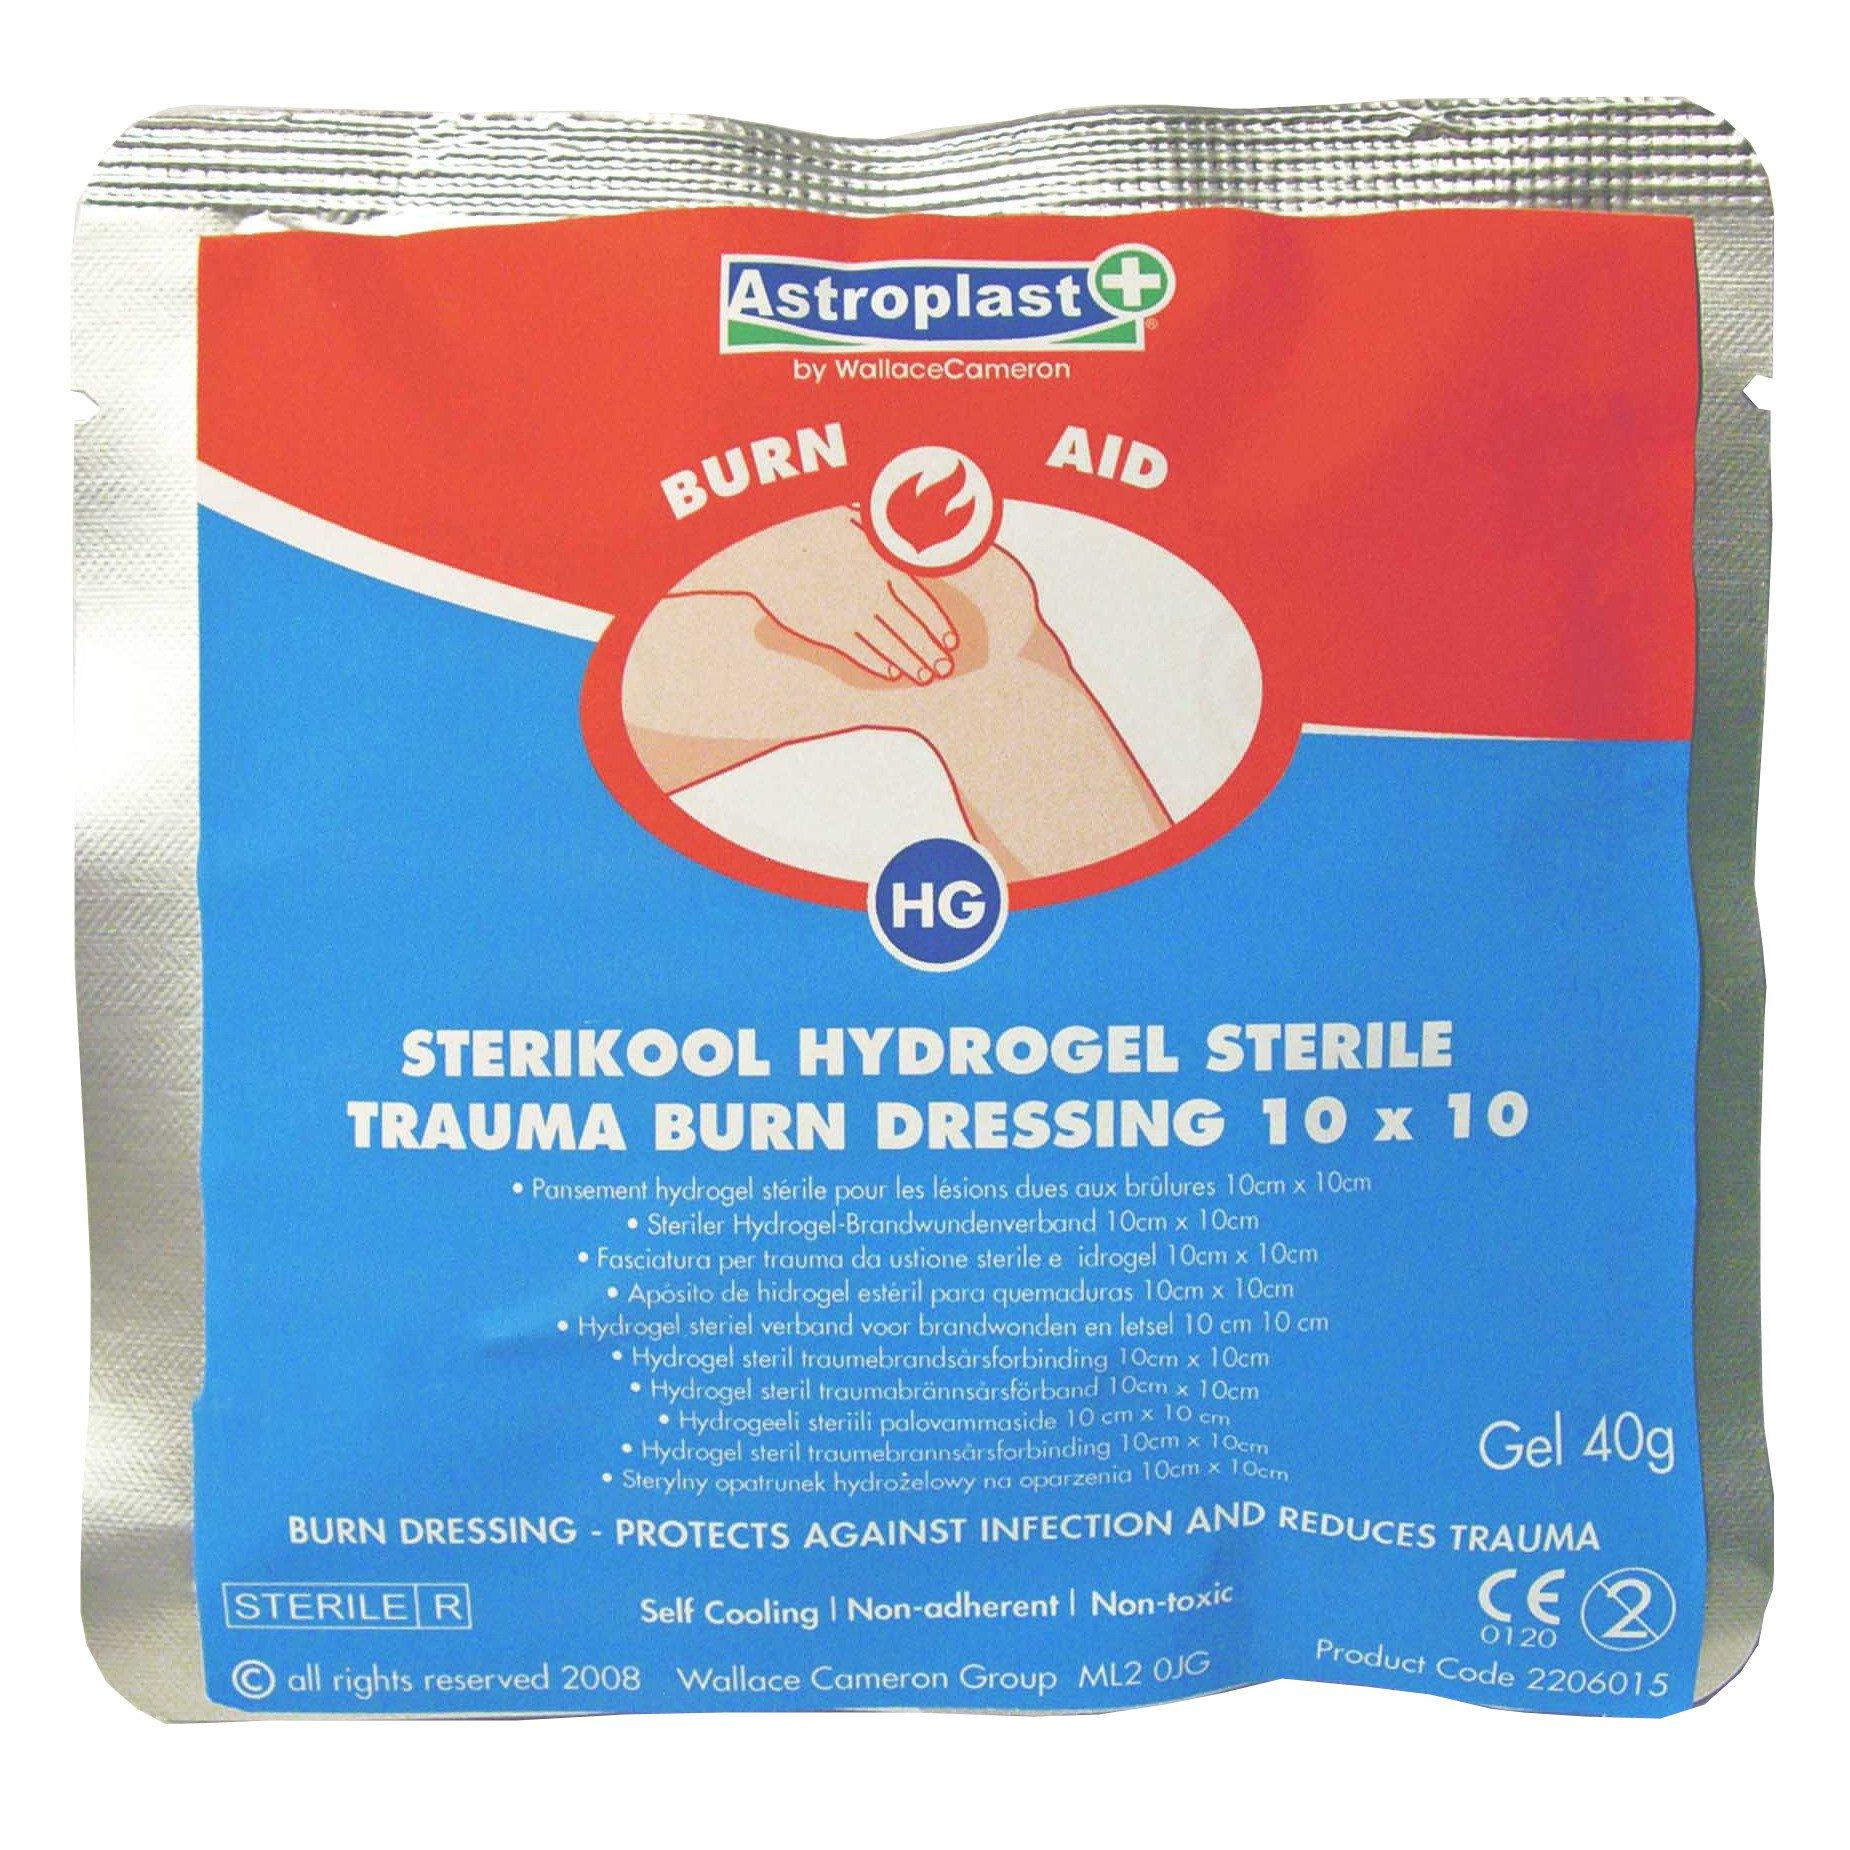 First Aid Burns Packs